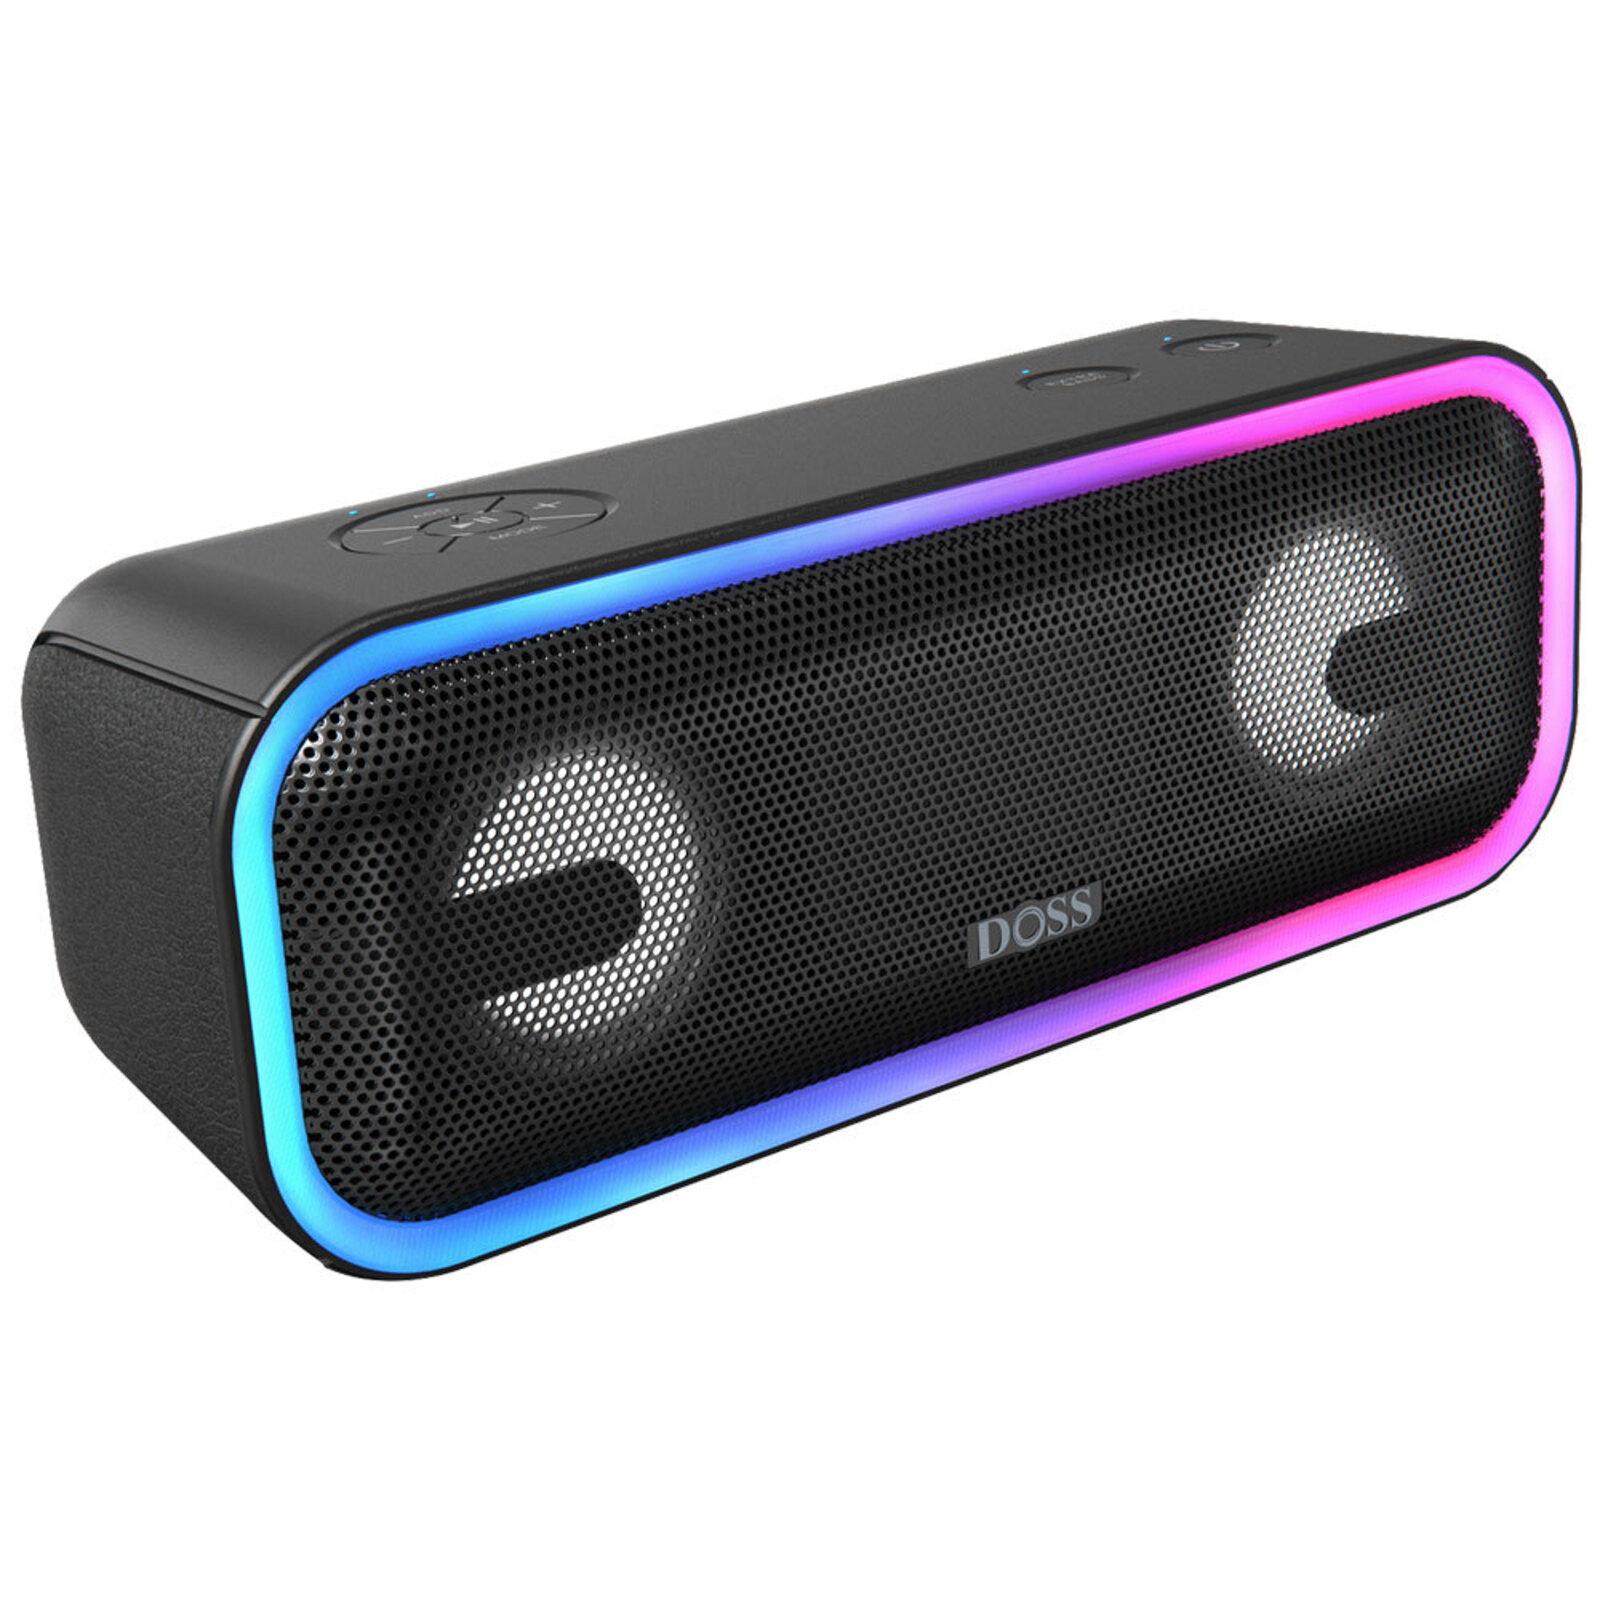 Doss Soundbox Pro+ 24W Bluetooth/Wireless/Portable Audio Speaker w/ Aux Black